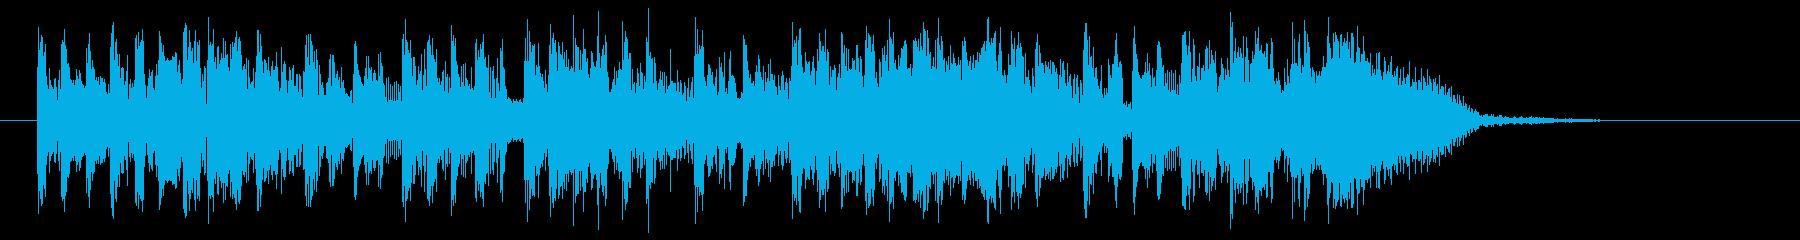 アップテンポの都会的なサウンドの再生済みの波形